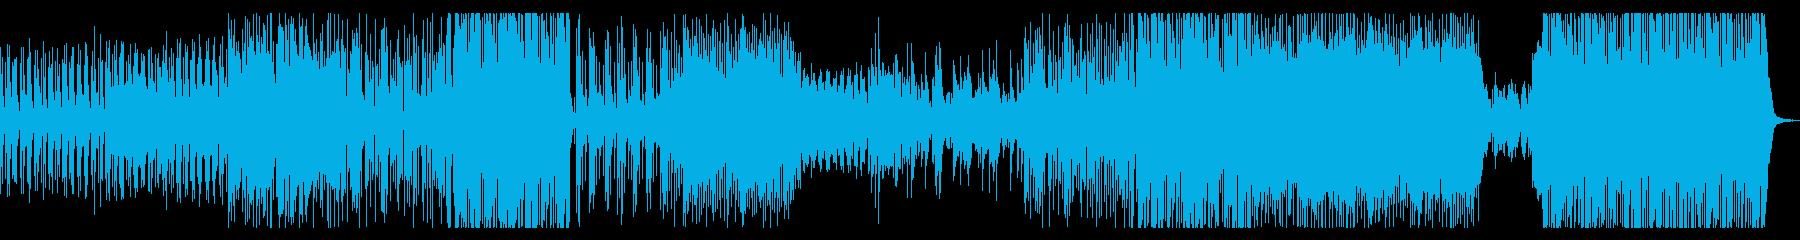 カフェ気分のピアノジャズの再生済みの波形